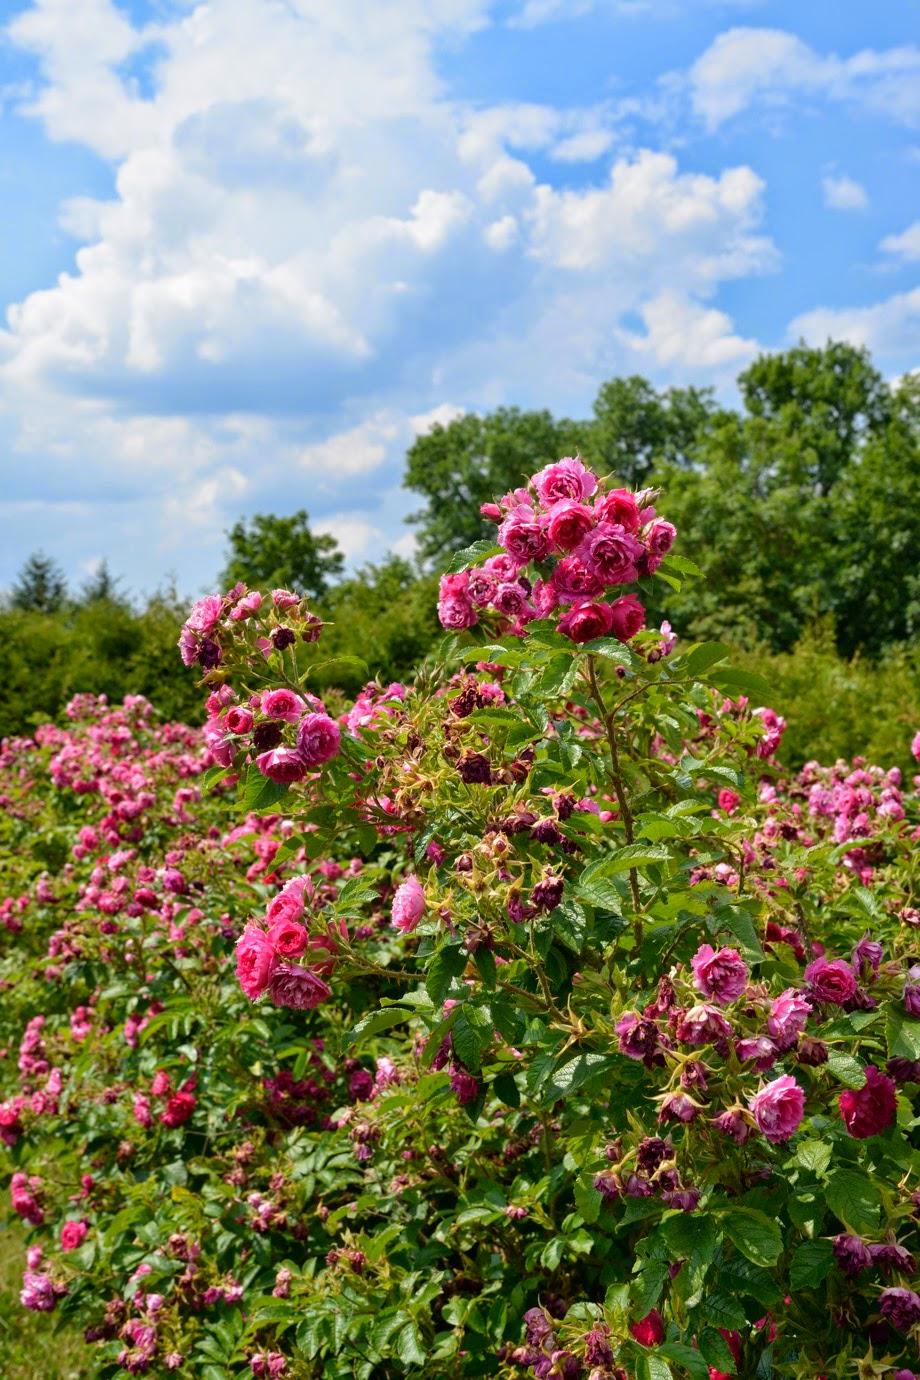 Dywyhsm a day at the weleda garden for Gardening 7 days to die